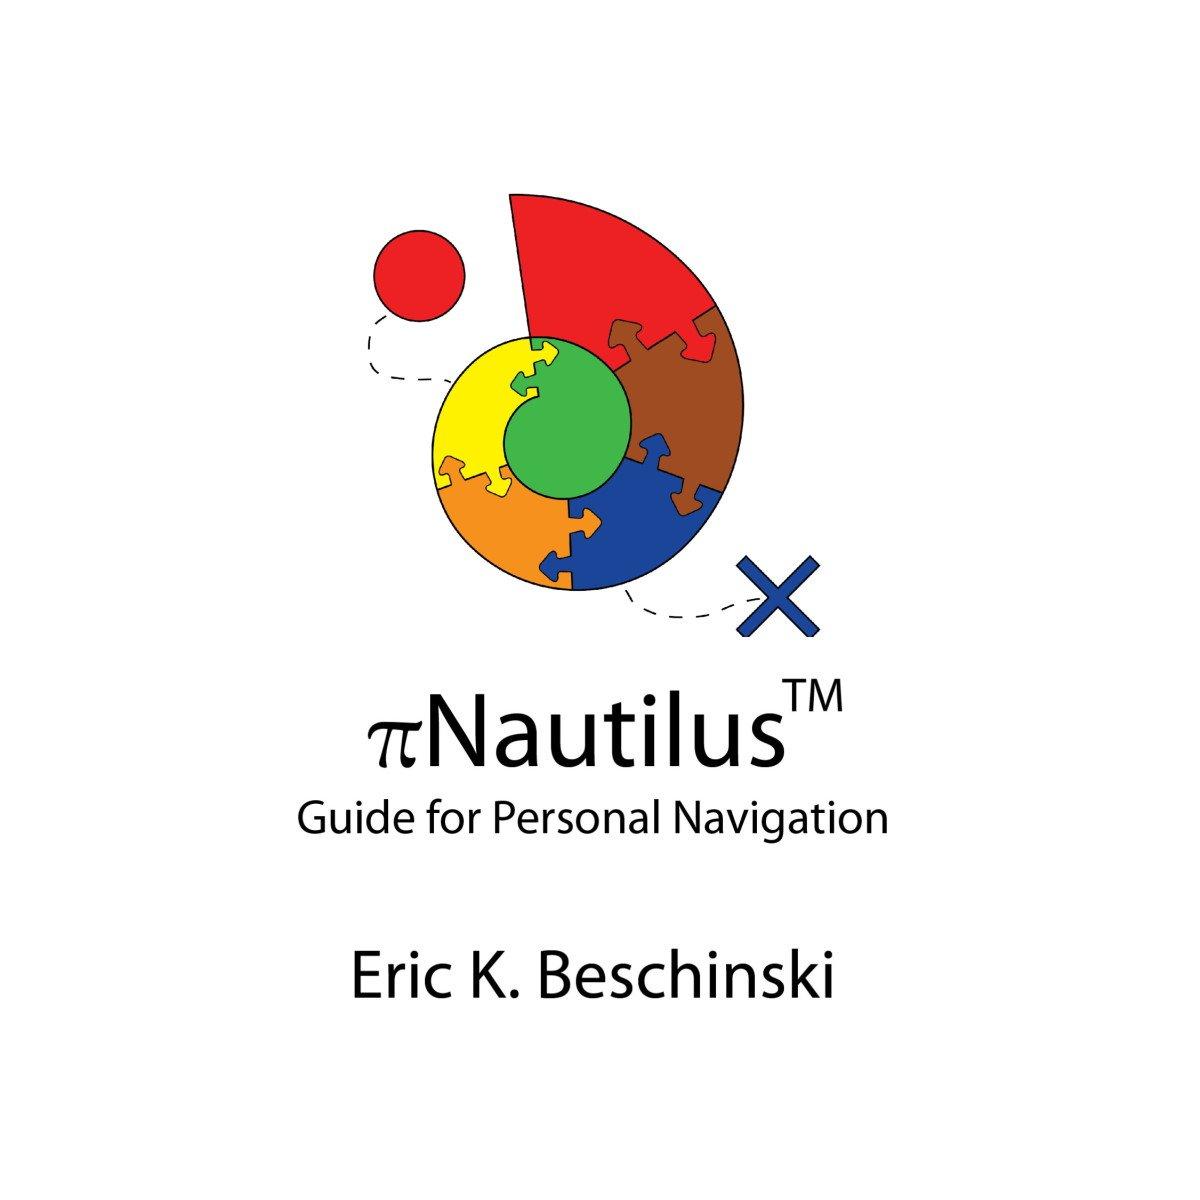 productPiNautilus-1200x1200